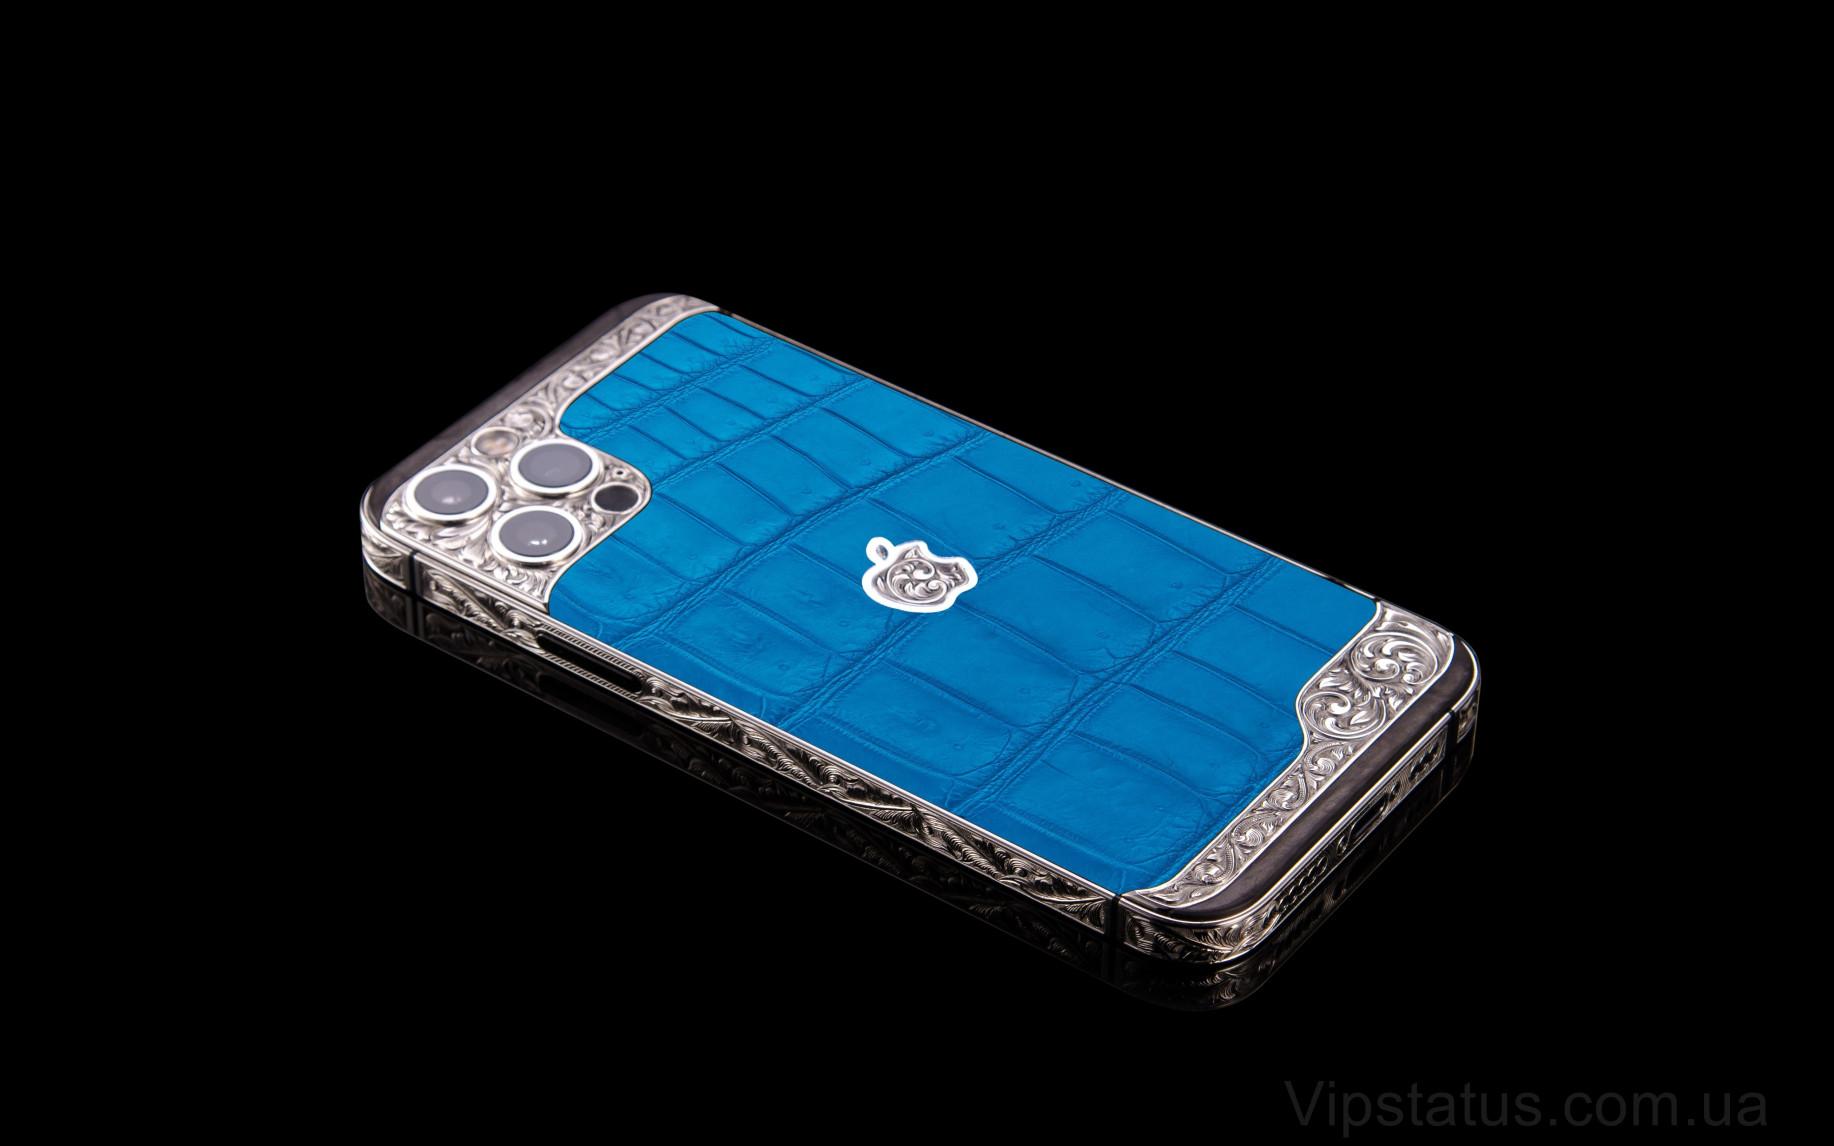 Elite Azure Queen Edition IPHONE 12 PRO MAX 512 GB Azure Queen Edition IPHONE 12 PRO MAX 512 GB image 7